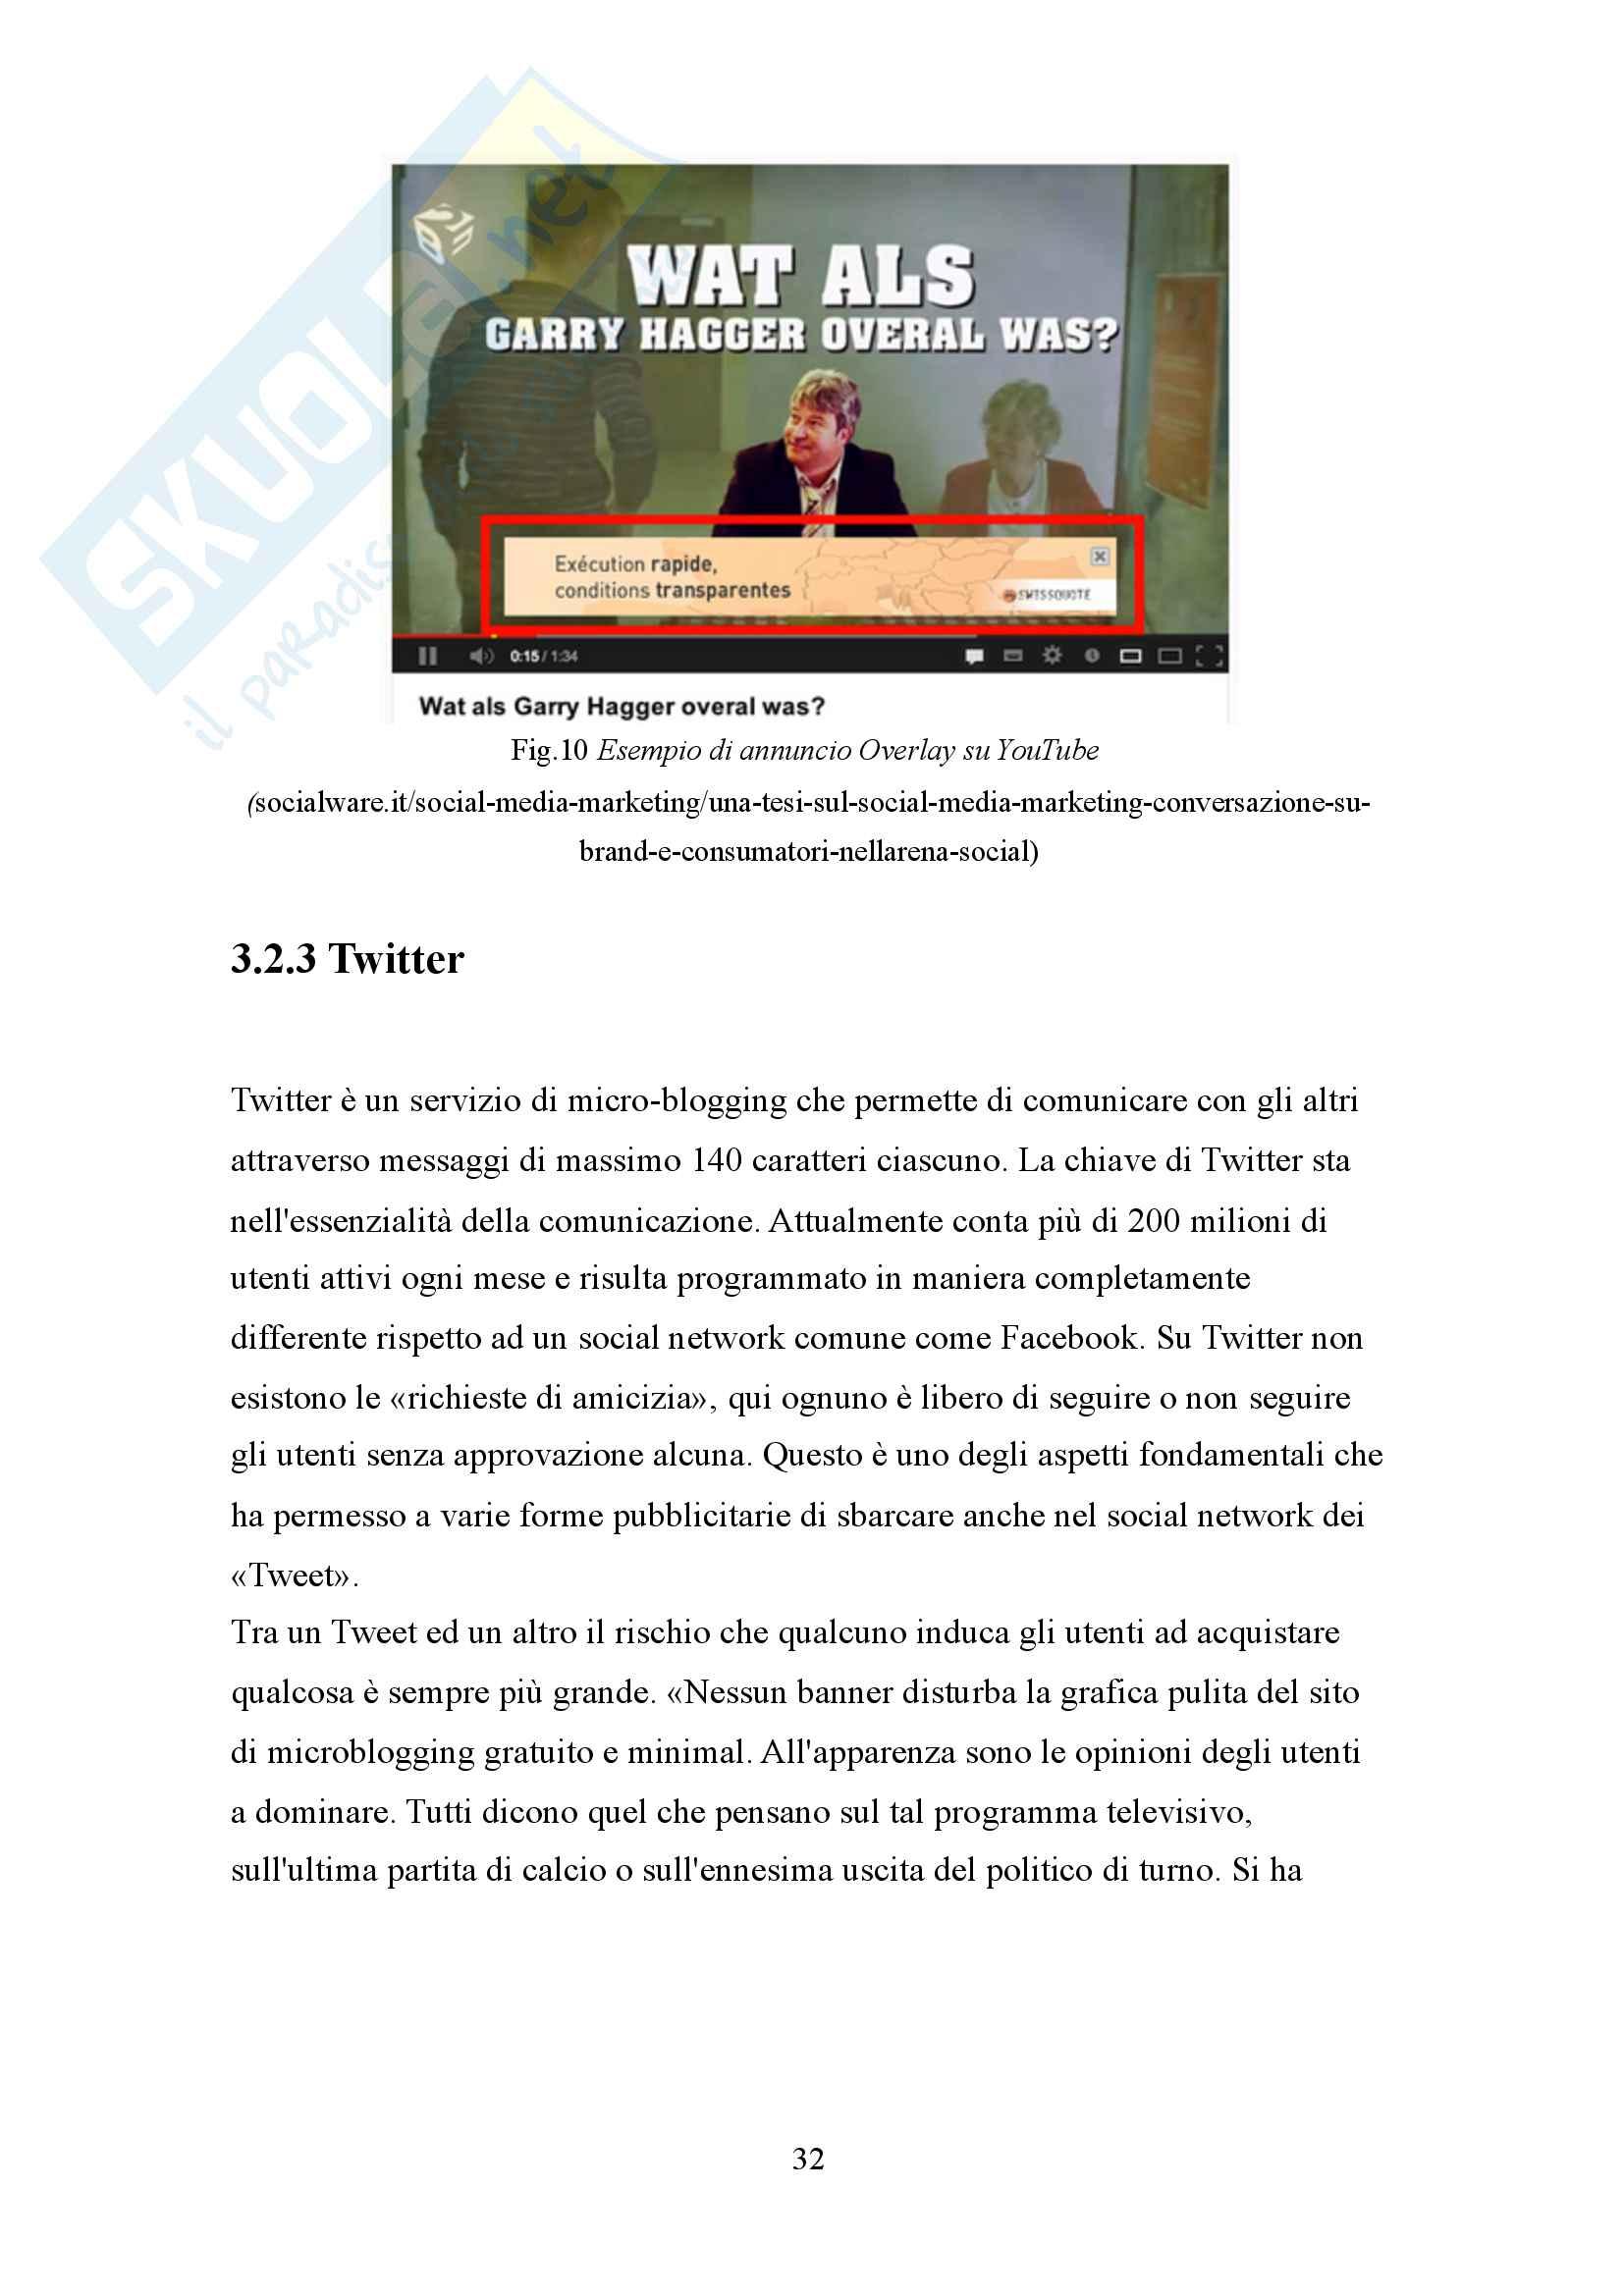 Social media marketing: advertising e fidelizzazione attraverso una strategia multicanale Pag. 31